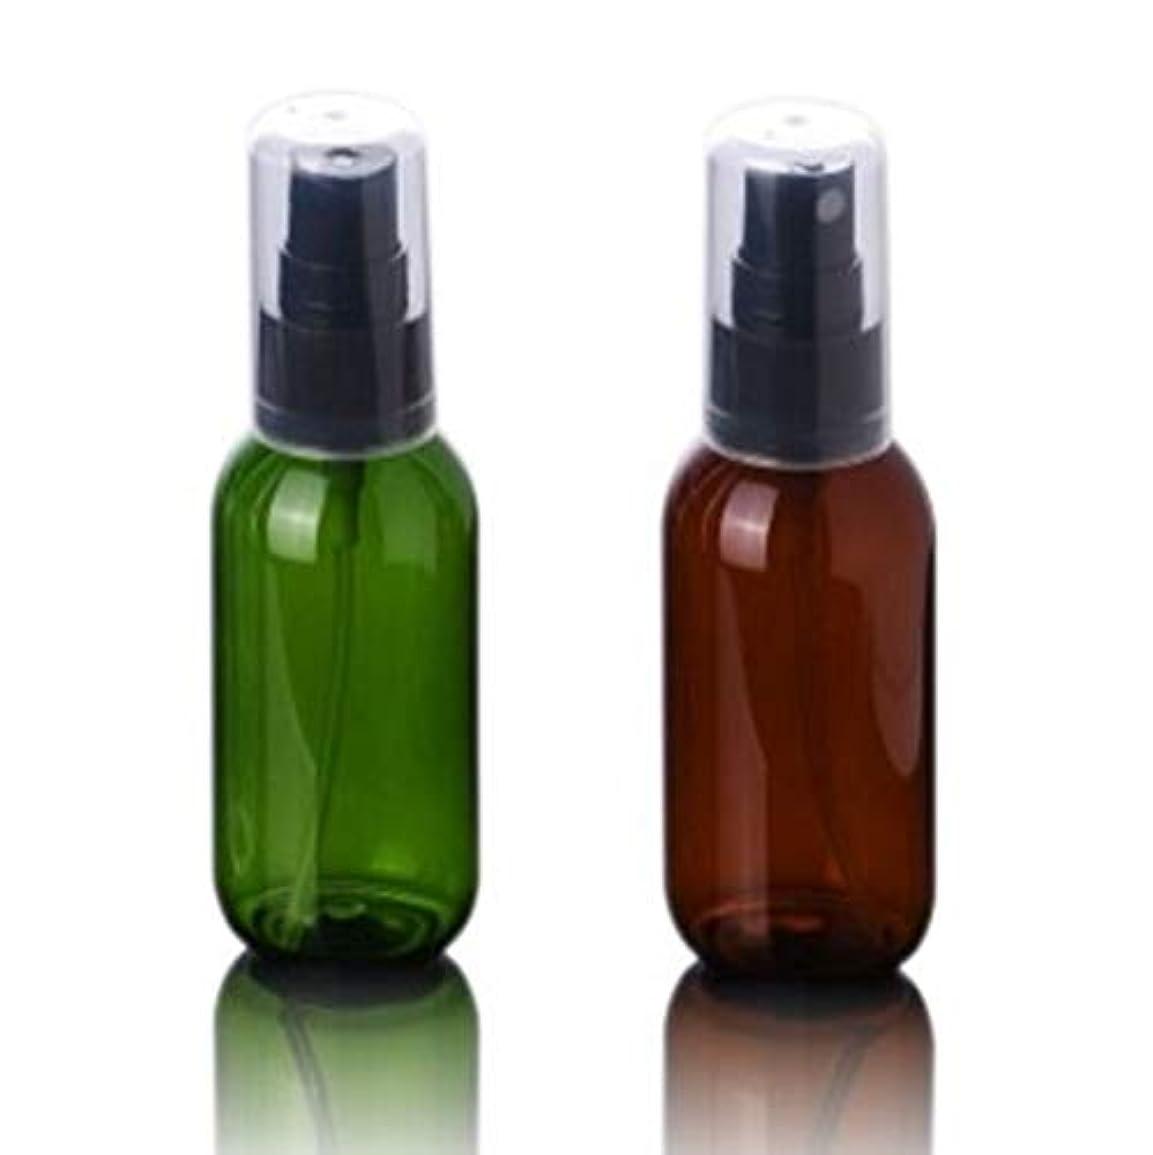 の量イブニングコンプライアンスBijou Cat スプレーボトル 50ml プラスチック製本体 遮光 霧吹き 緑?茶色 2本セット